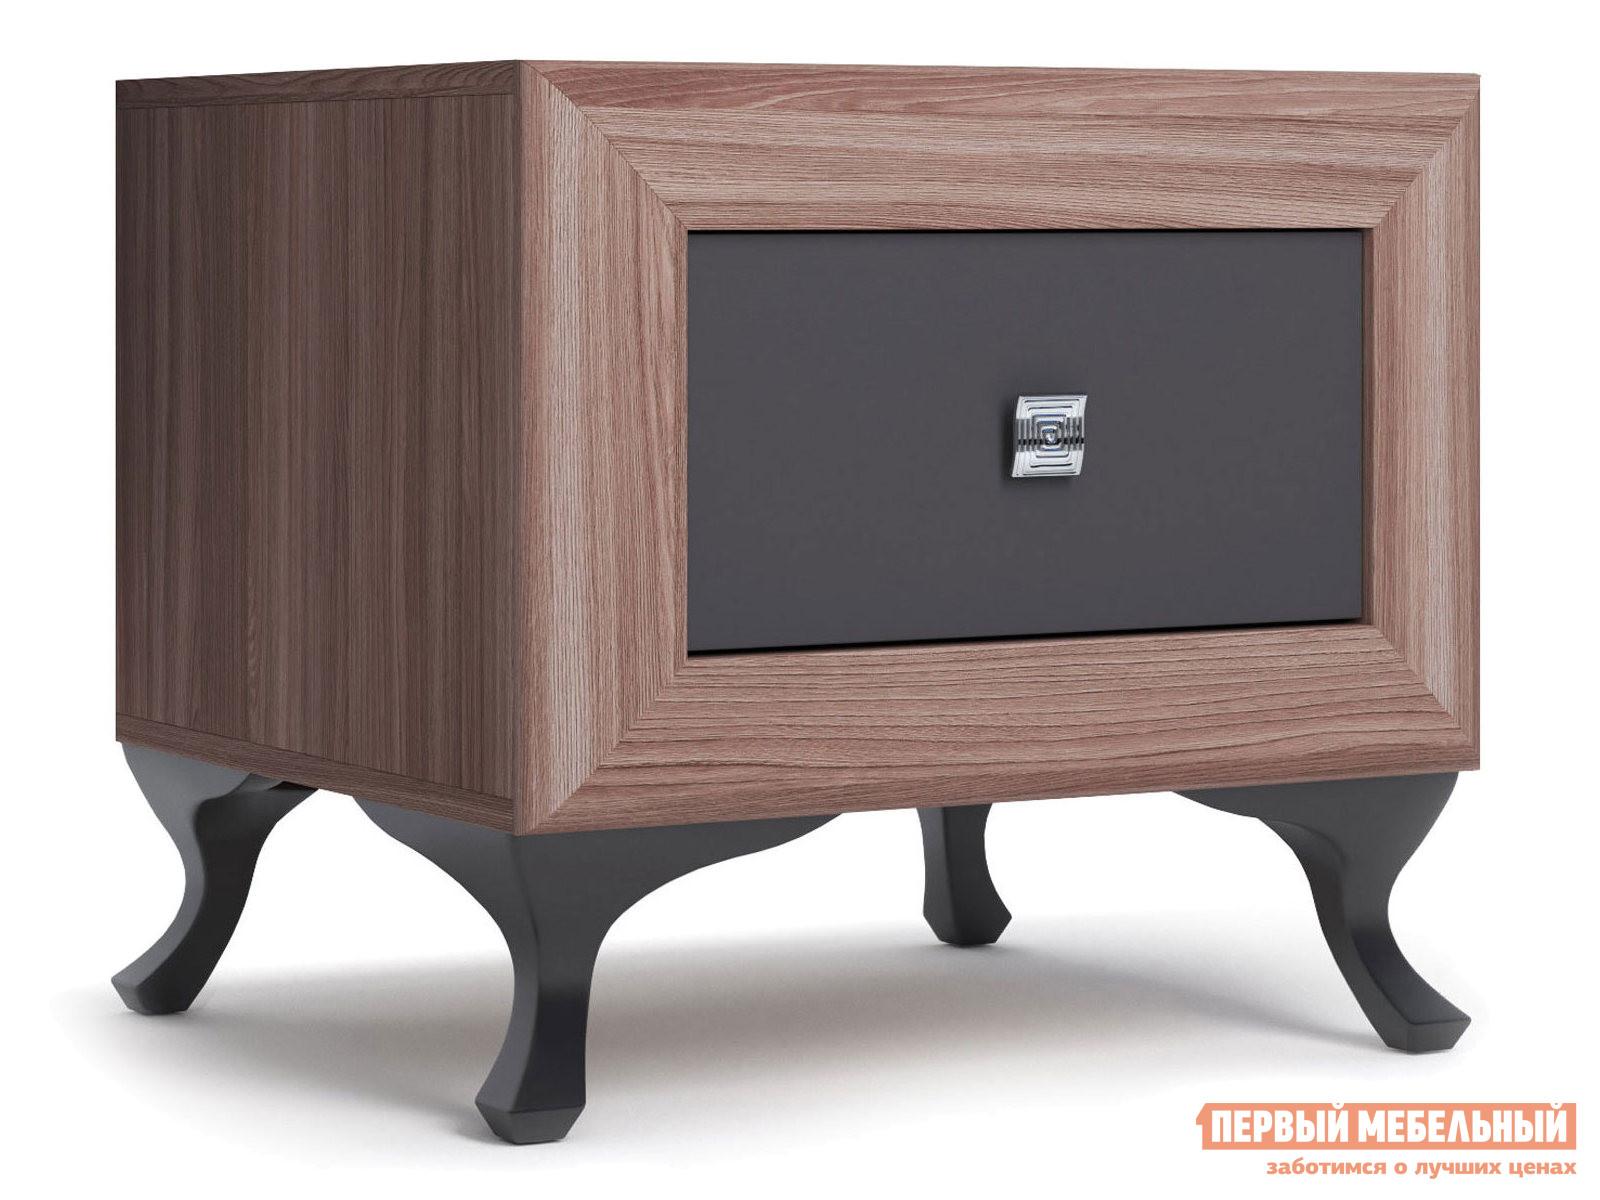 Прикроватная тумбочка Первый Мебельный Тумба прикроватная Модена